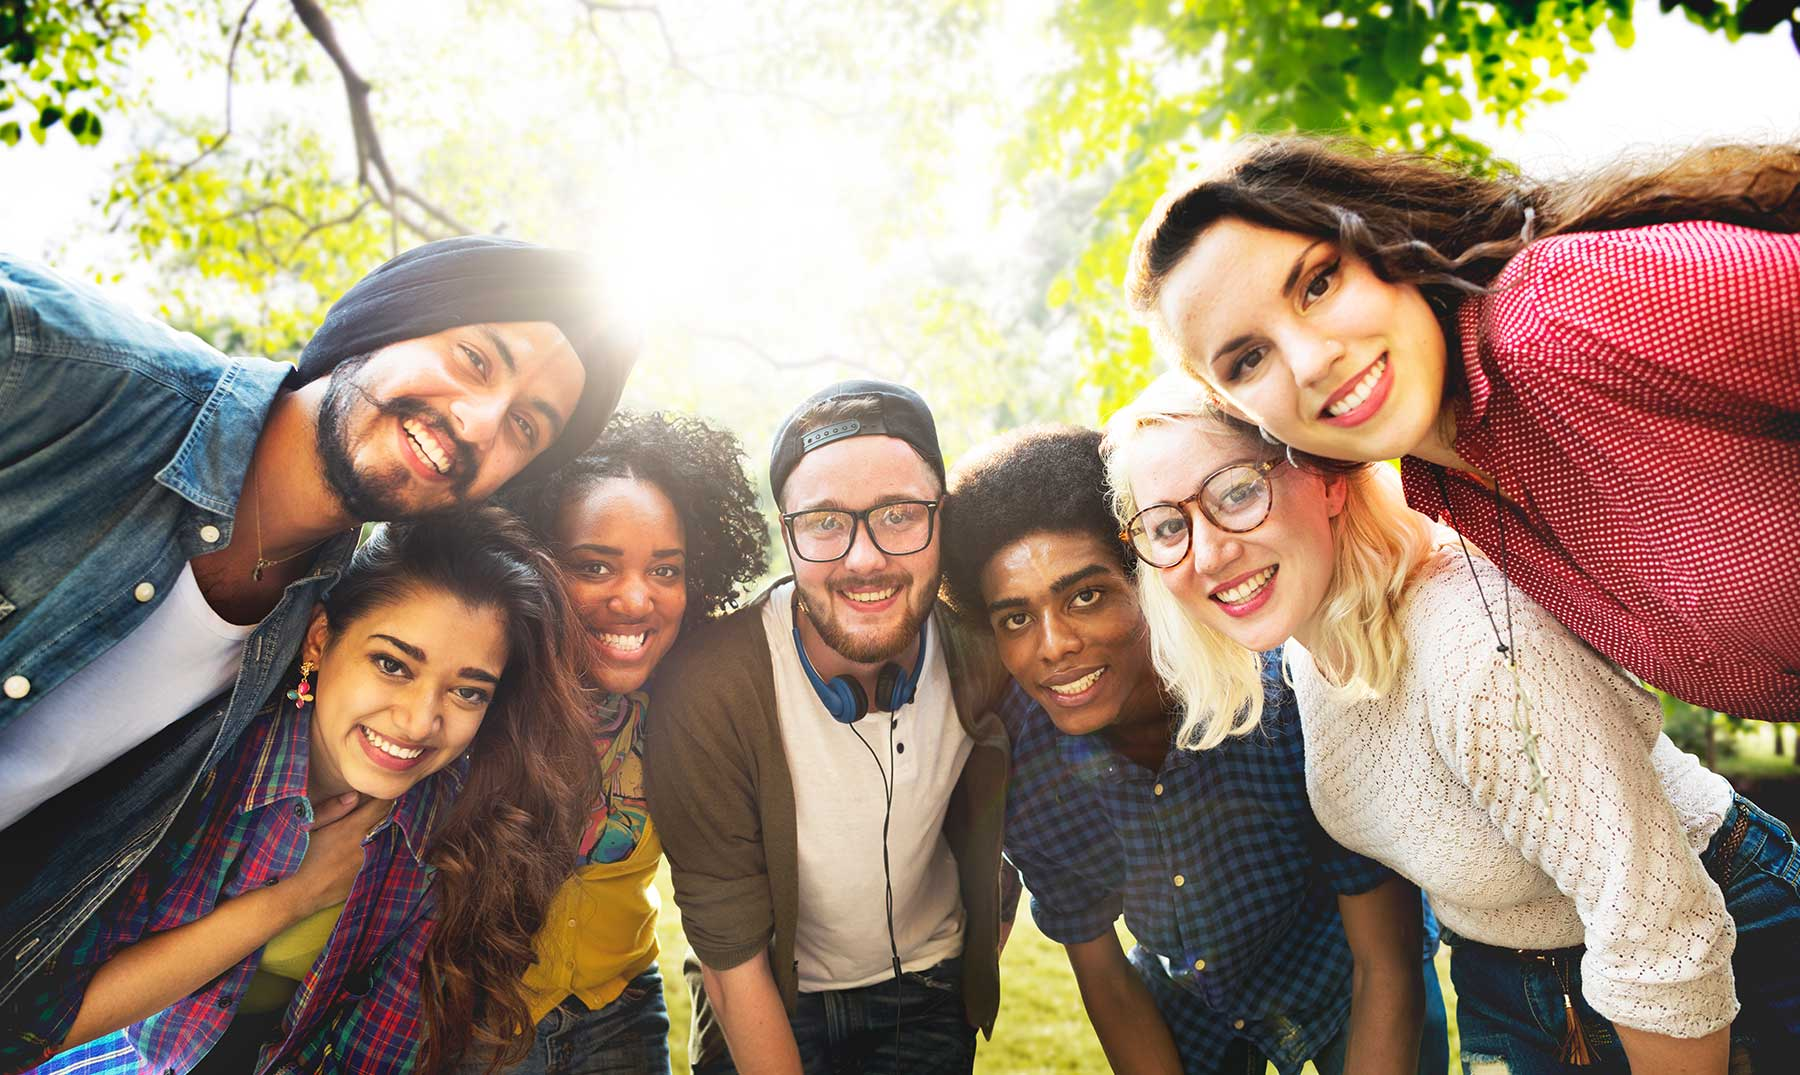 100 Frases De Amistad Para Regalar A Un Amigo Con Imágenes